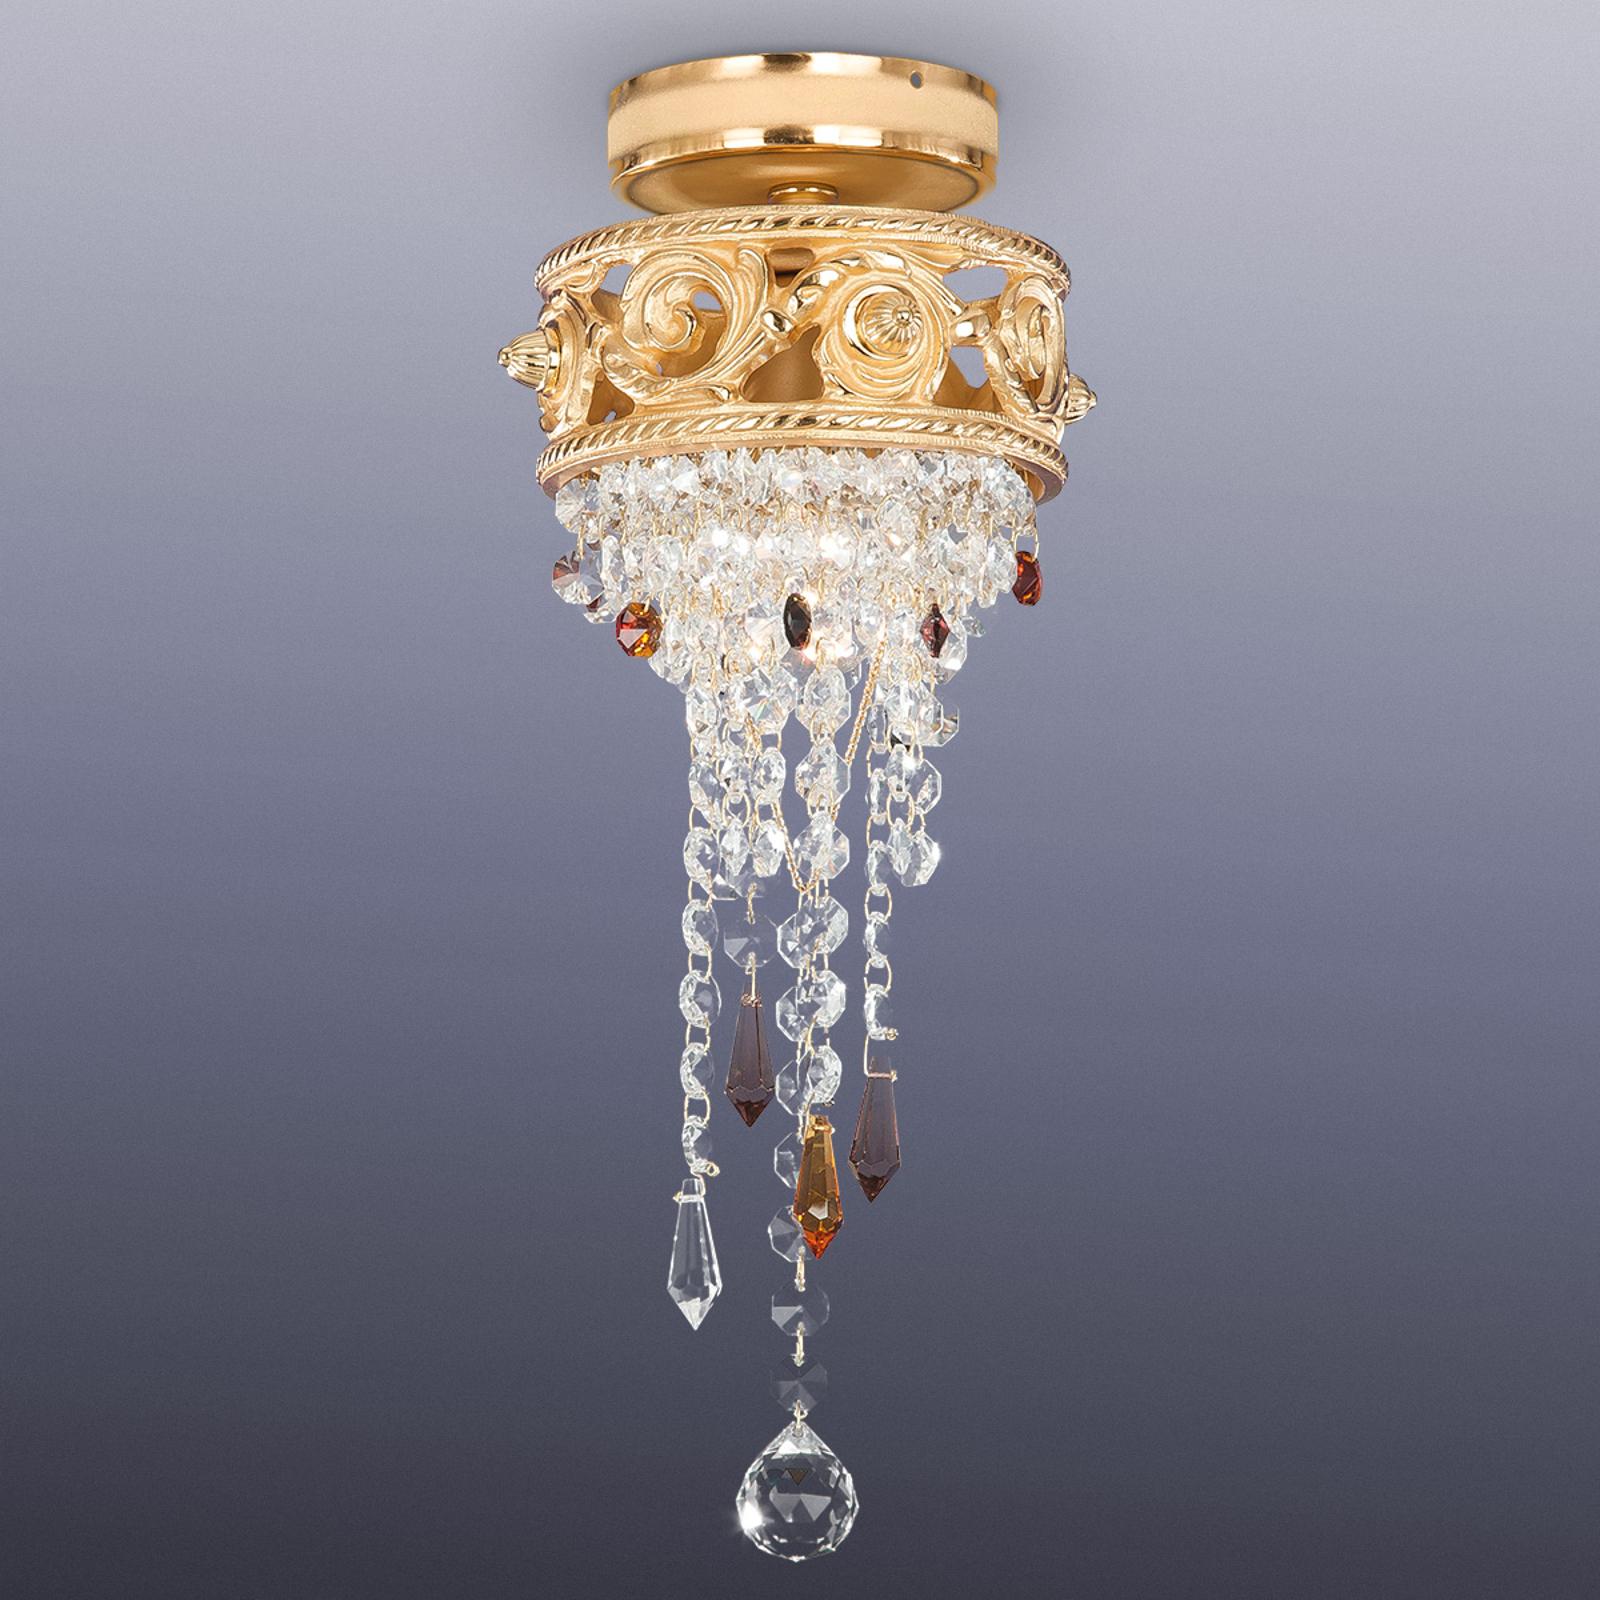 Krystall-taklampe San Petersburgo, 14 cm